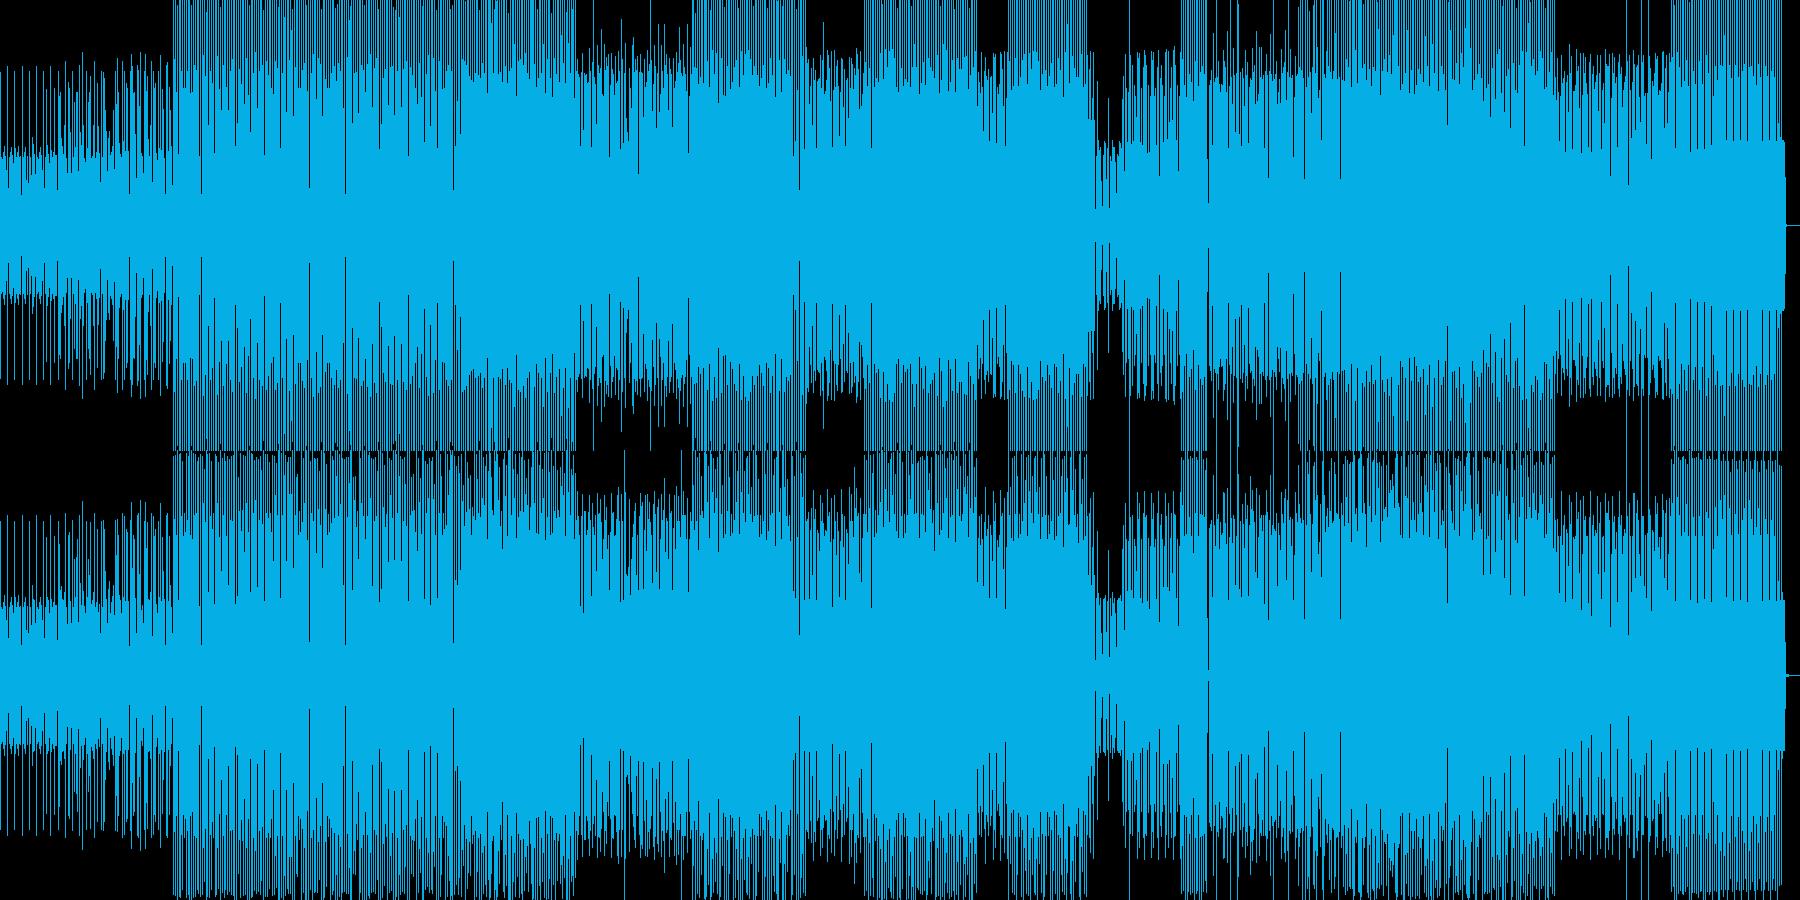 静かなミニマルハウスの再生済みの波形